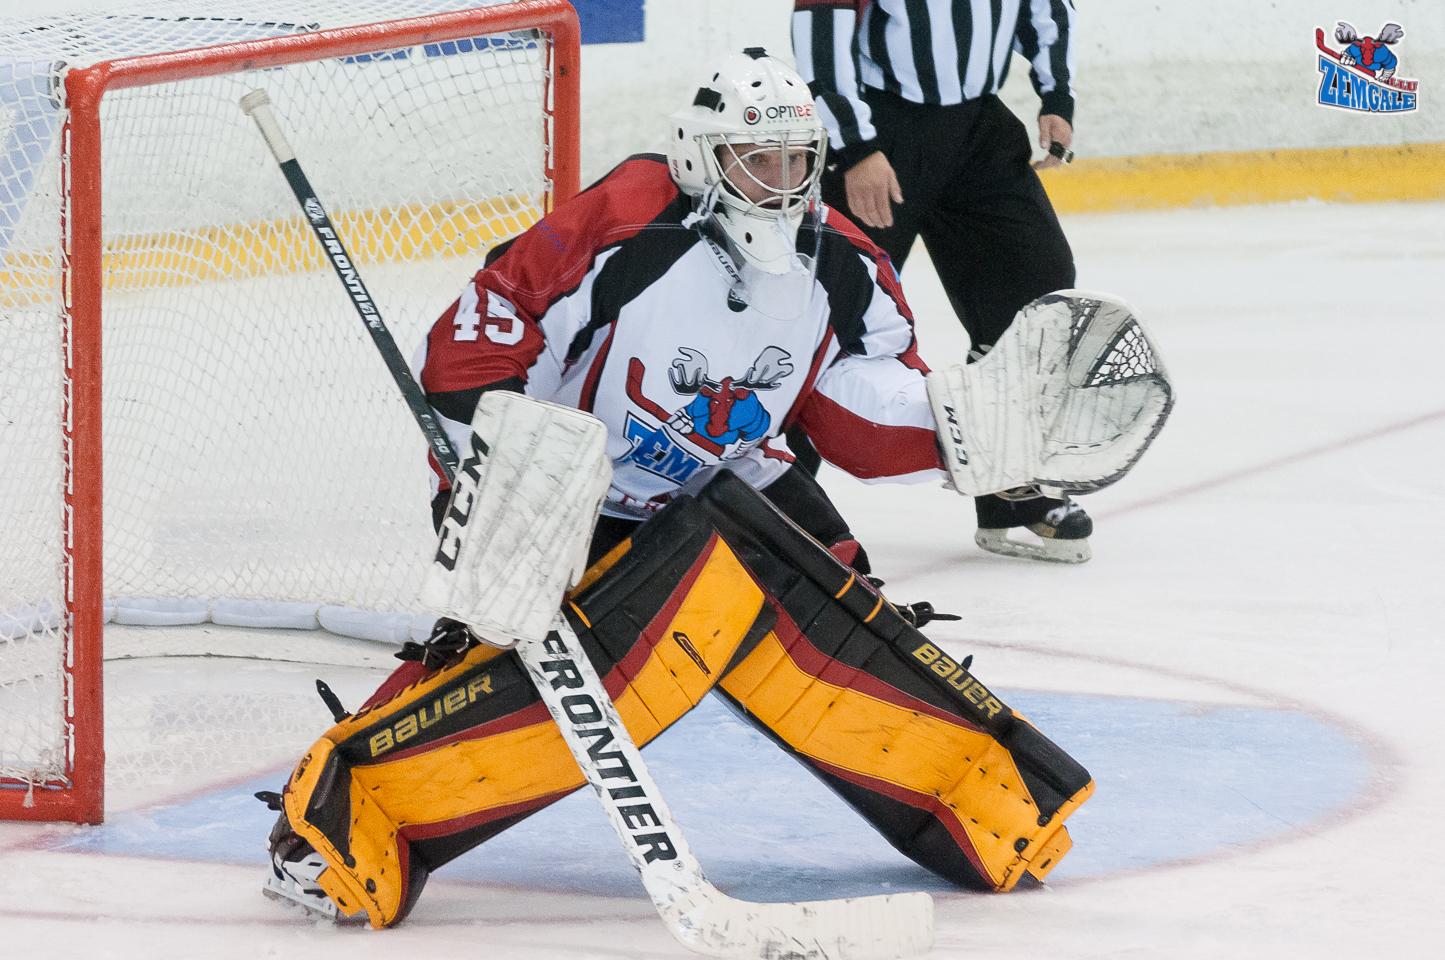 """Optibet hokeja līgas spēlē starp HK """"Prizma"""" un HK """"Zemgale/LLU"""" uzvarētājs tika noteikts papildlaikā, jo pamatlaiks noslēdzās ar rezultātu 1:1. Jelgavnieku uzbrucējs Ričards Bernhards, gūstot vārtus lielā vairākumā, garantē HK """"Zemgale/LLU"""" uzvaru ar rezultātu 2:1."""